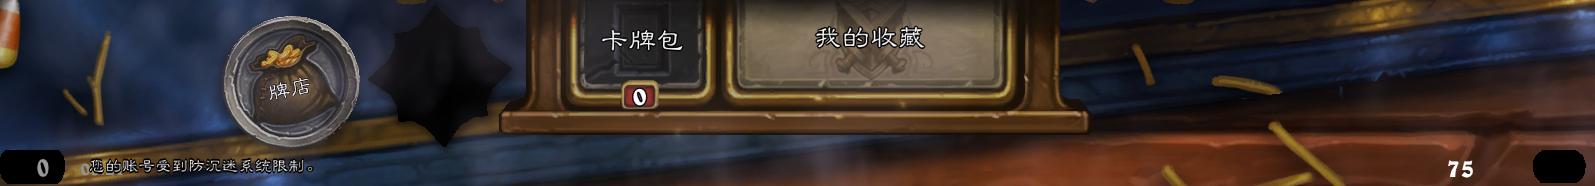 QQ拼音截图20191027092202.png